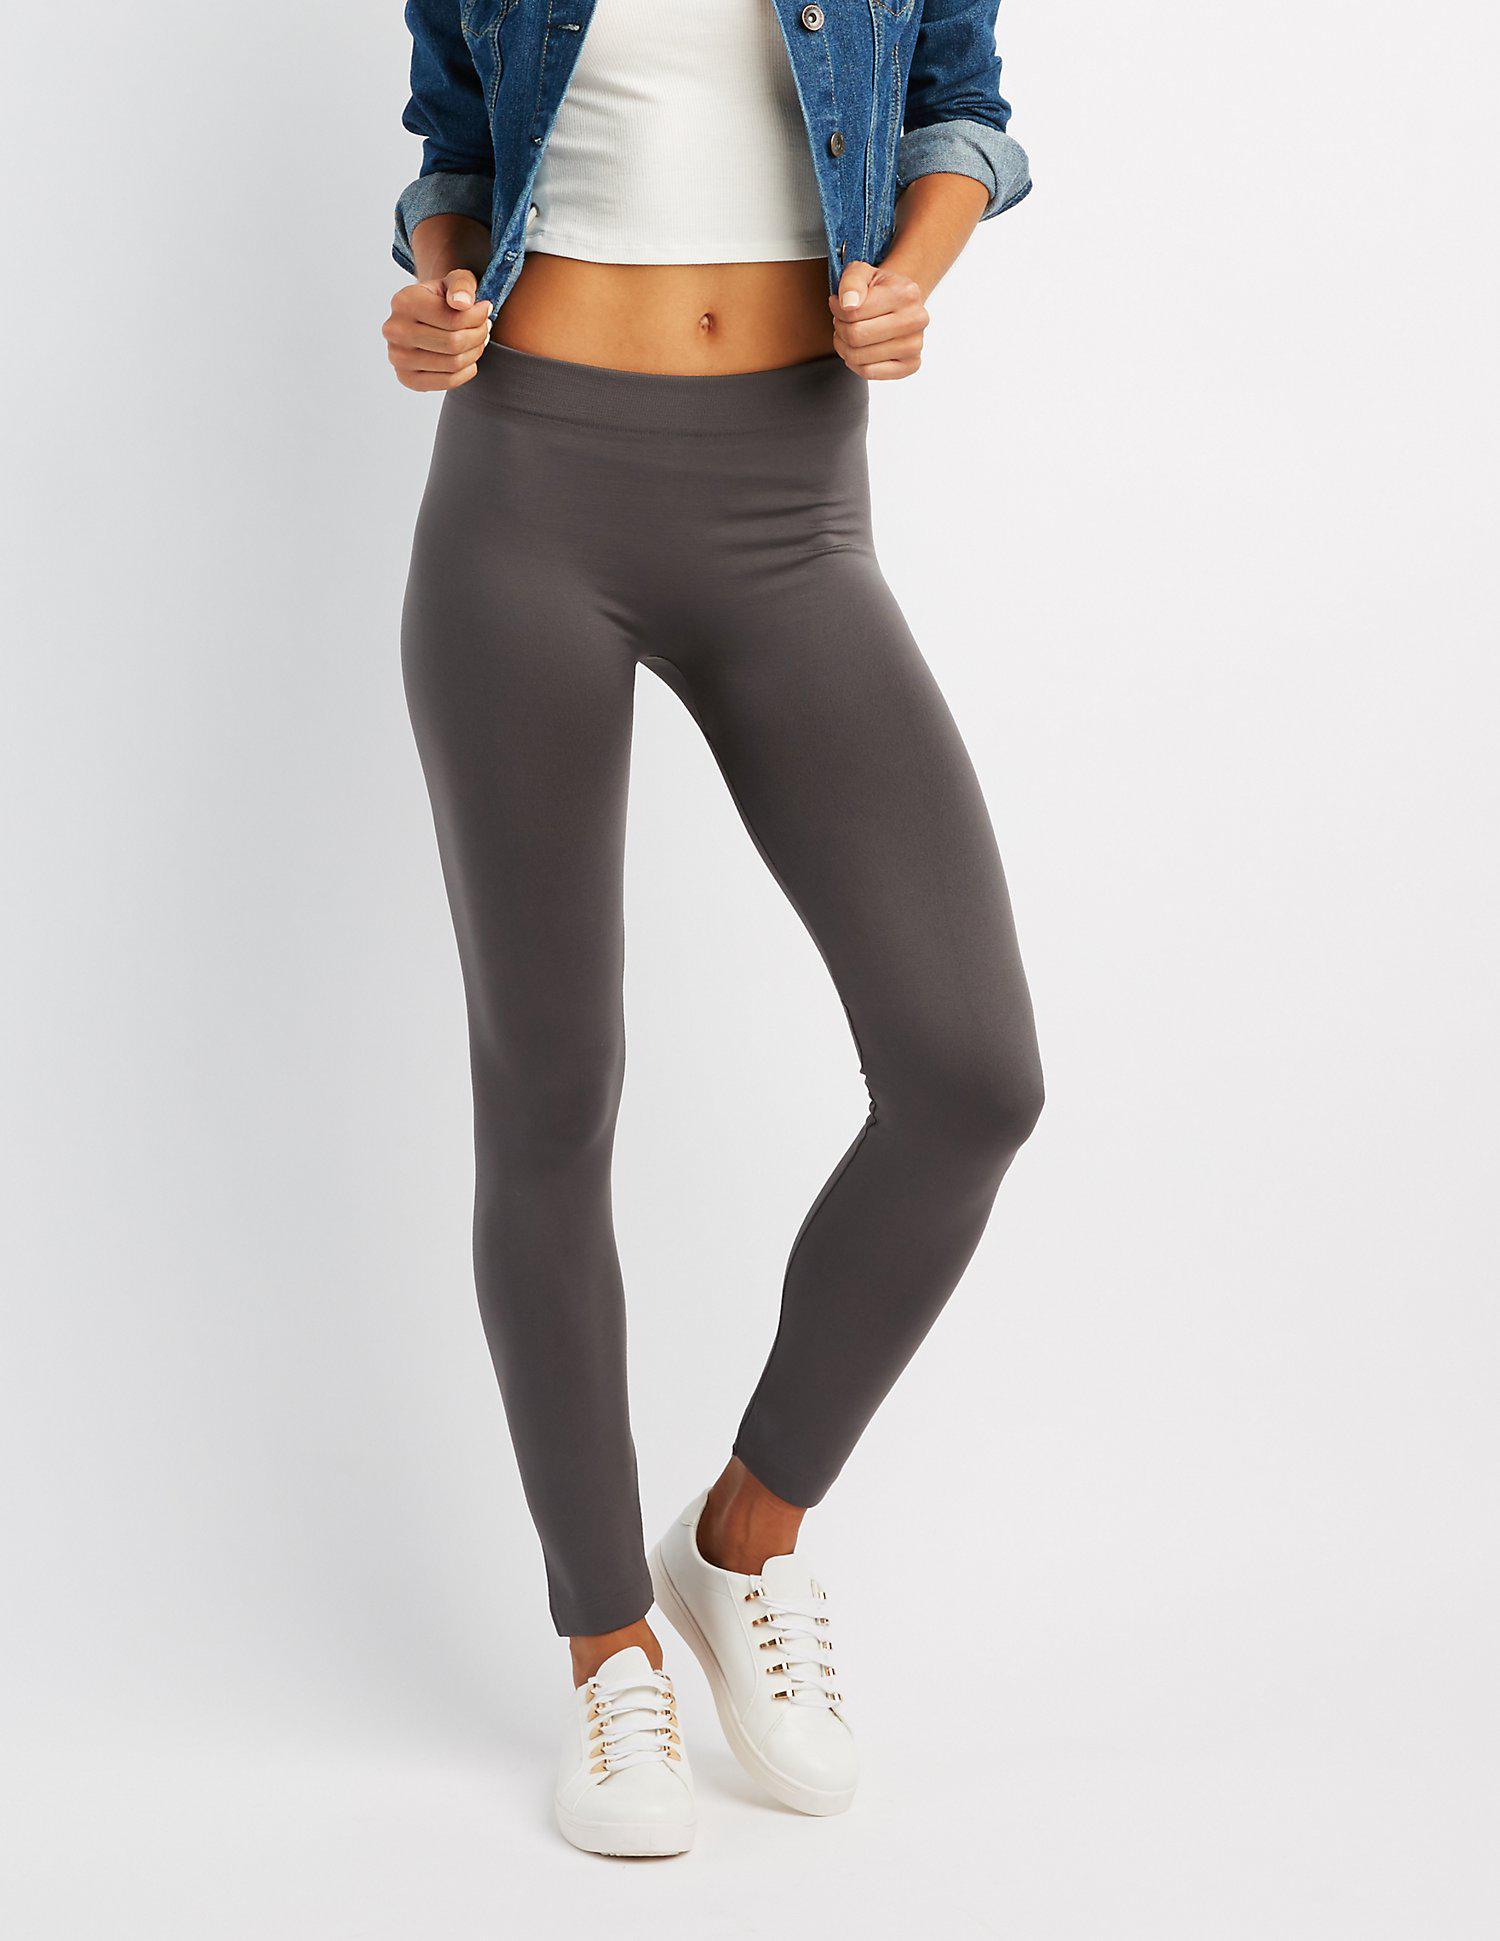 68df2746e89eee Lyst - Charlotte Russe Stretch Fleece Lined Leggings in Gray